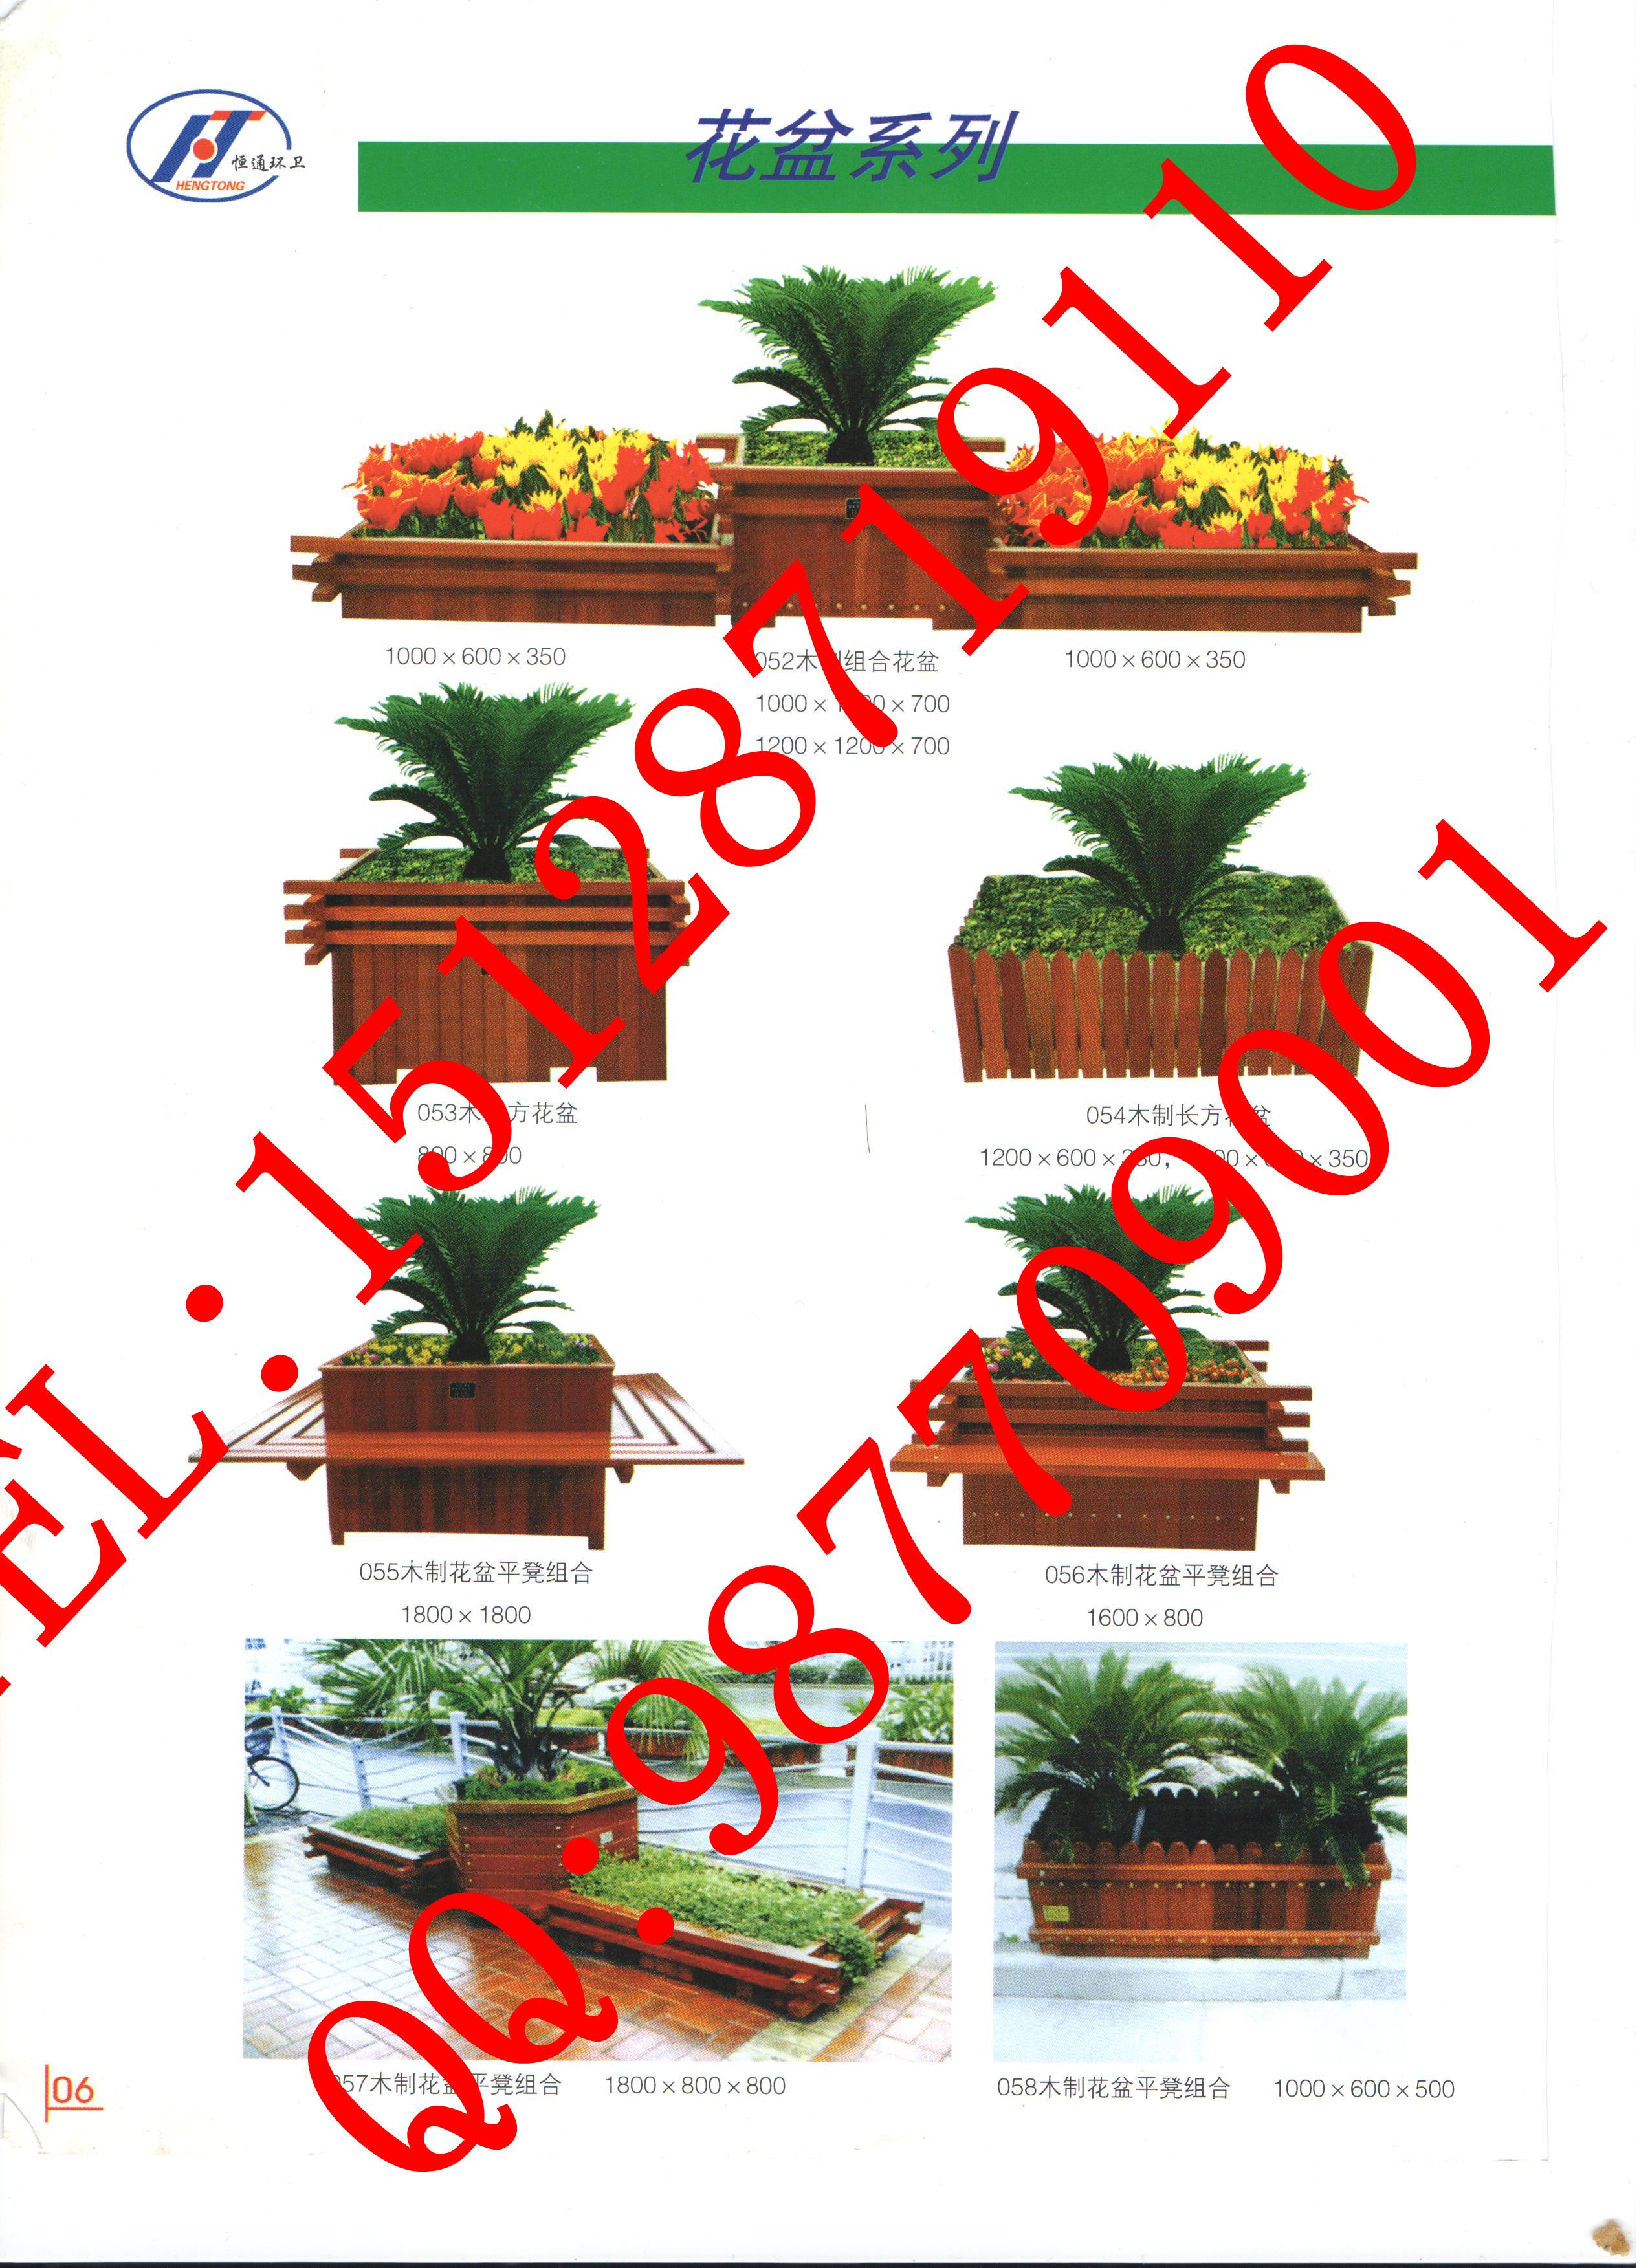 木头花盆图片 木头花盆样板图 木头花盆效果图